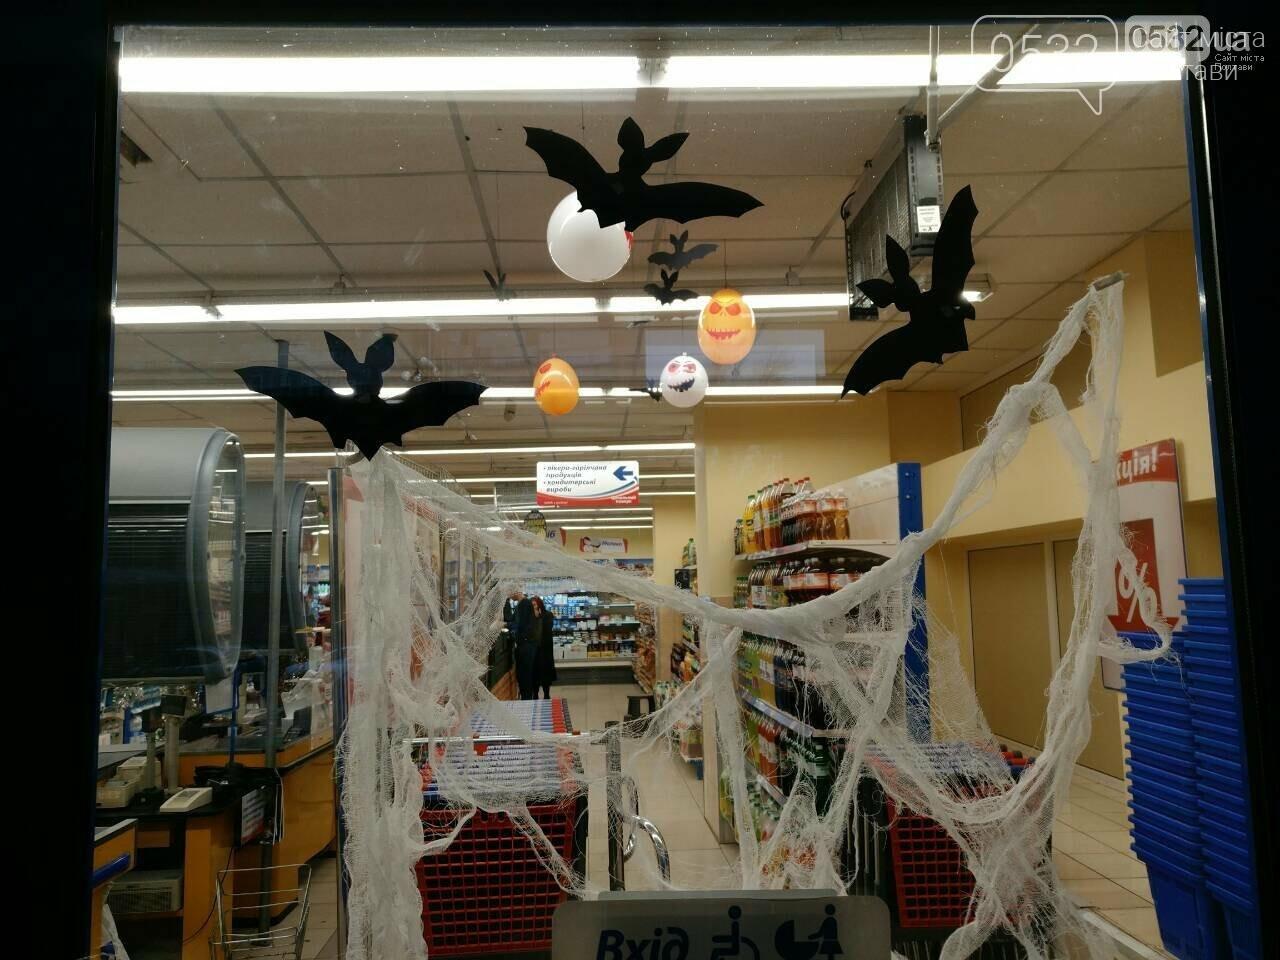 Сьогодні Хелловін — свято монстрів, гарбузів і веселих вечірок., фото-1